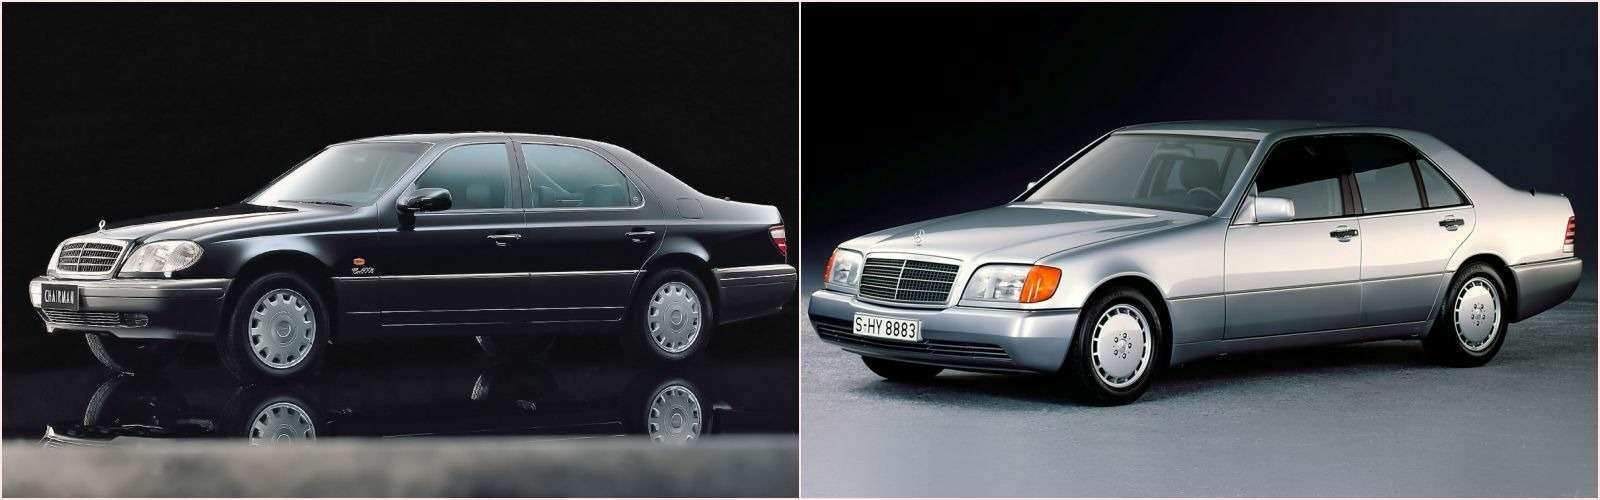 Первые автомобили-клоны: британцы, немцы, шведы...— фото 779917